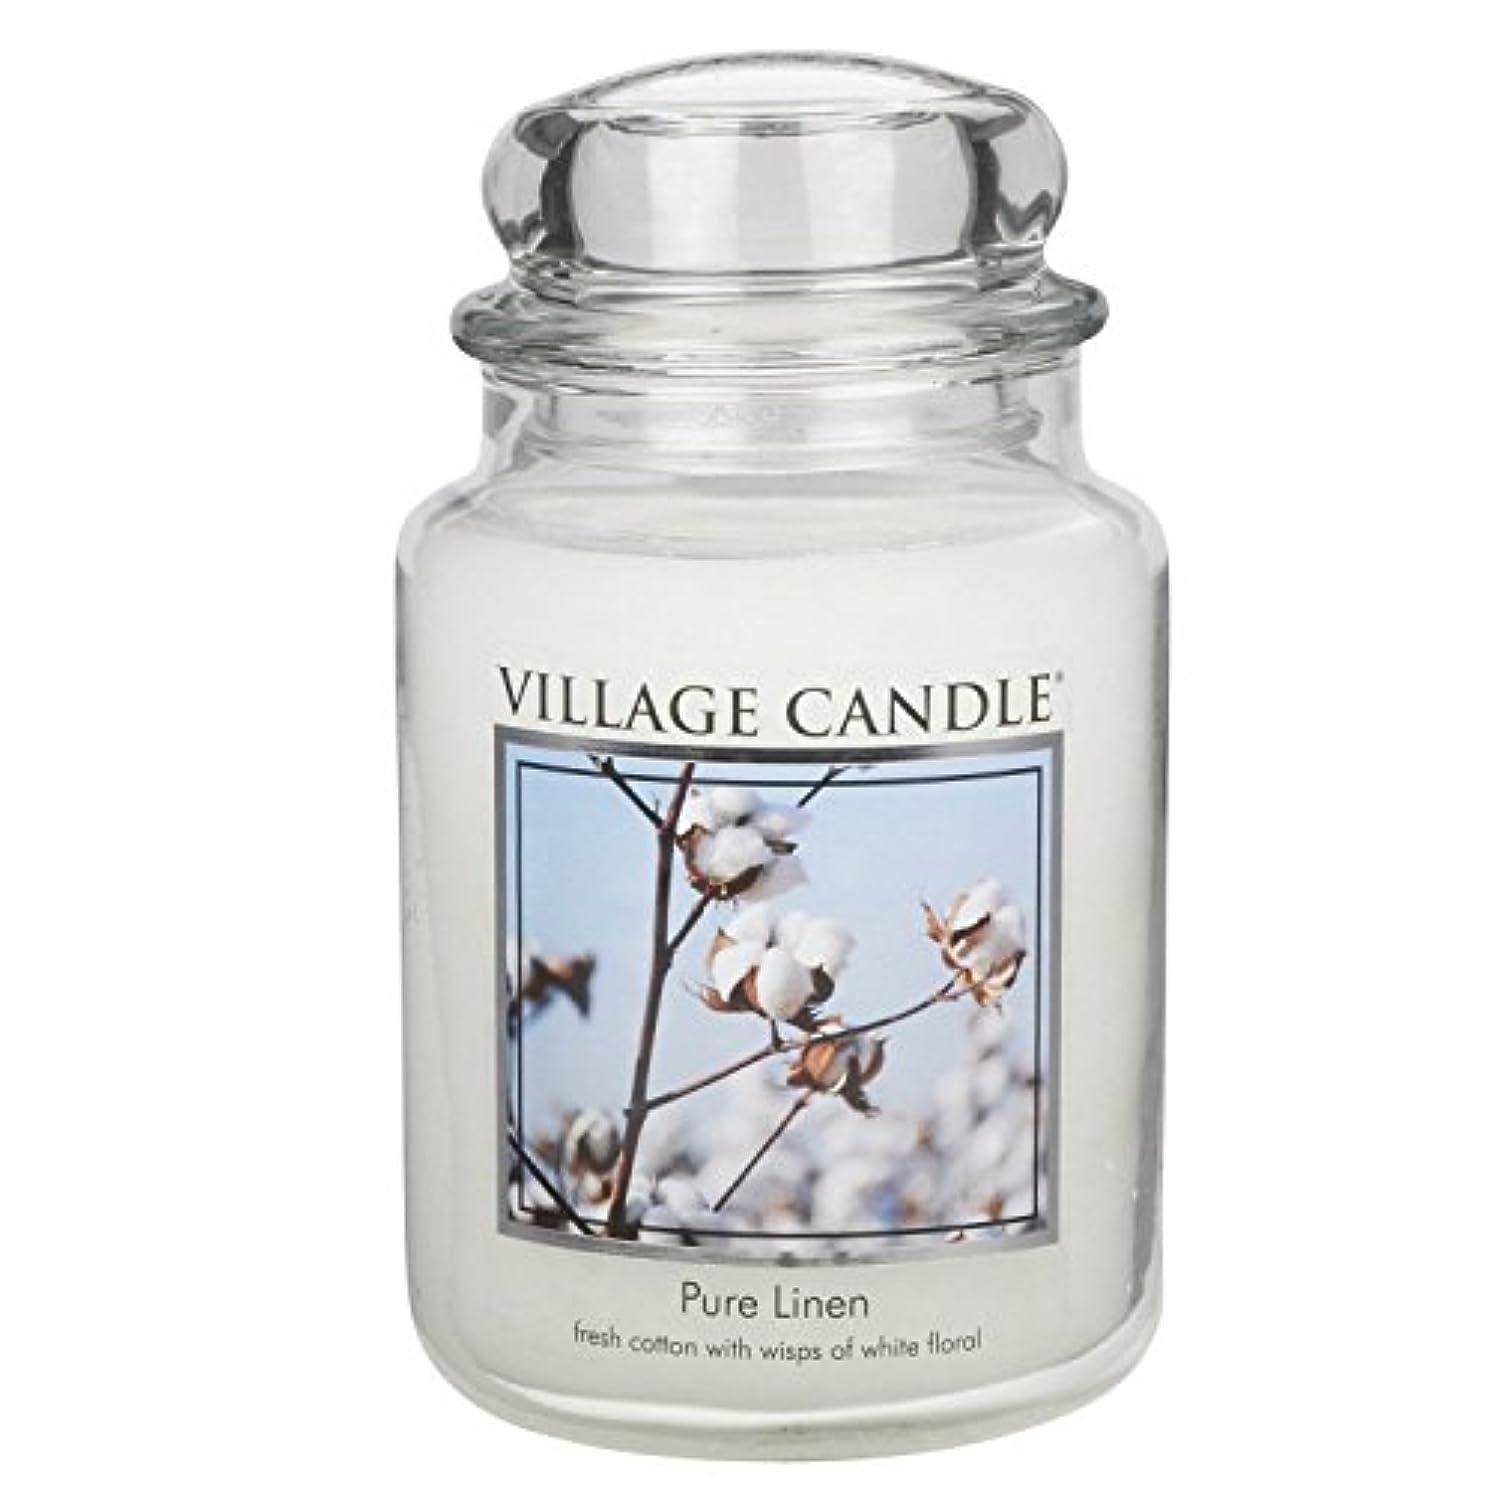 甘味村リダクターVillage Candle Large Fragranced Candle Jar - 17cm x 10cm - 26oz (1219g)- Pure Linen - upto 170 hours burn time...